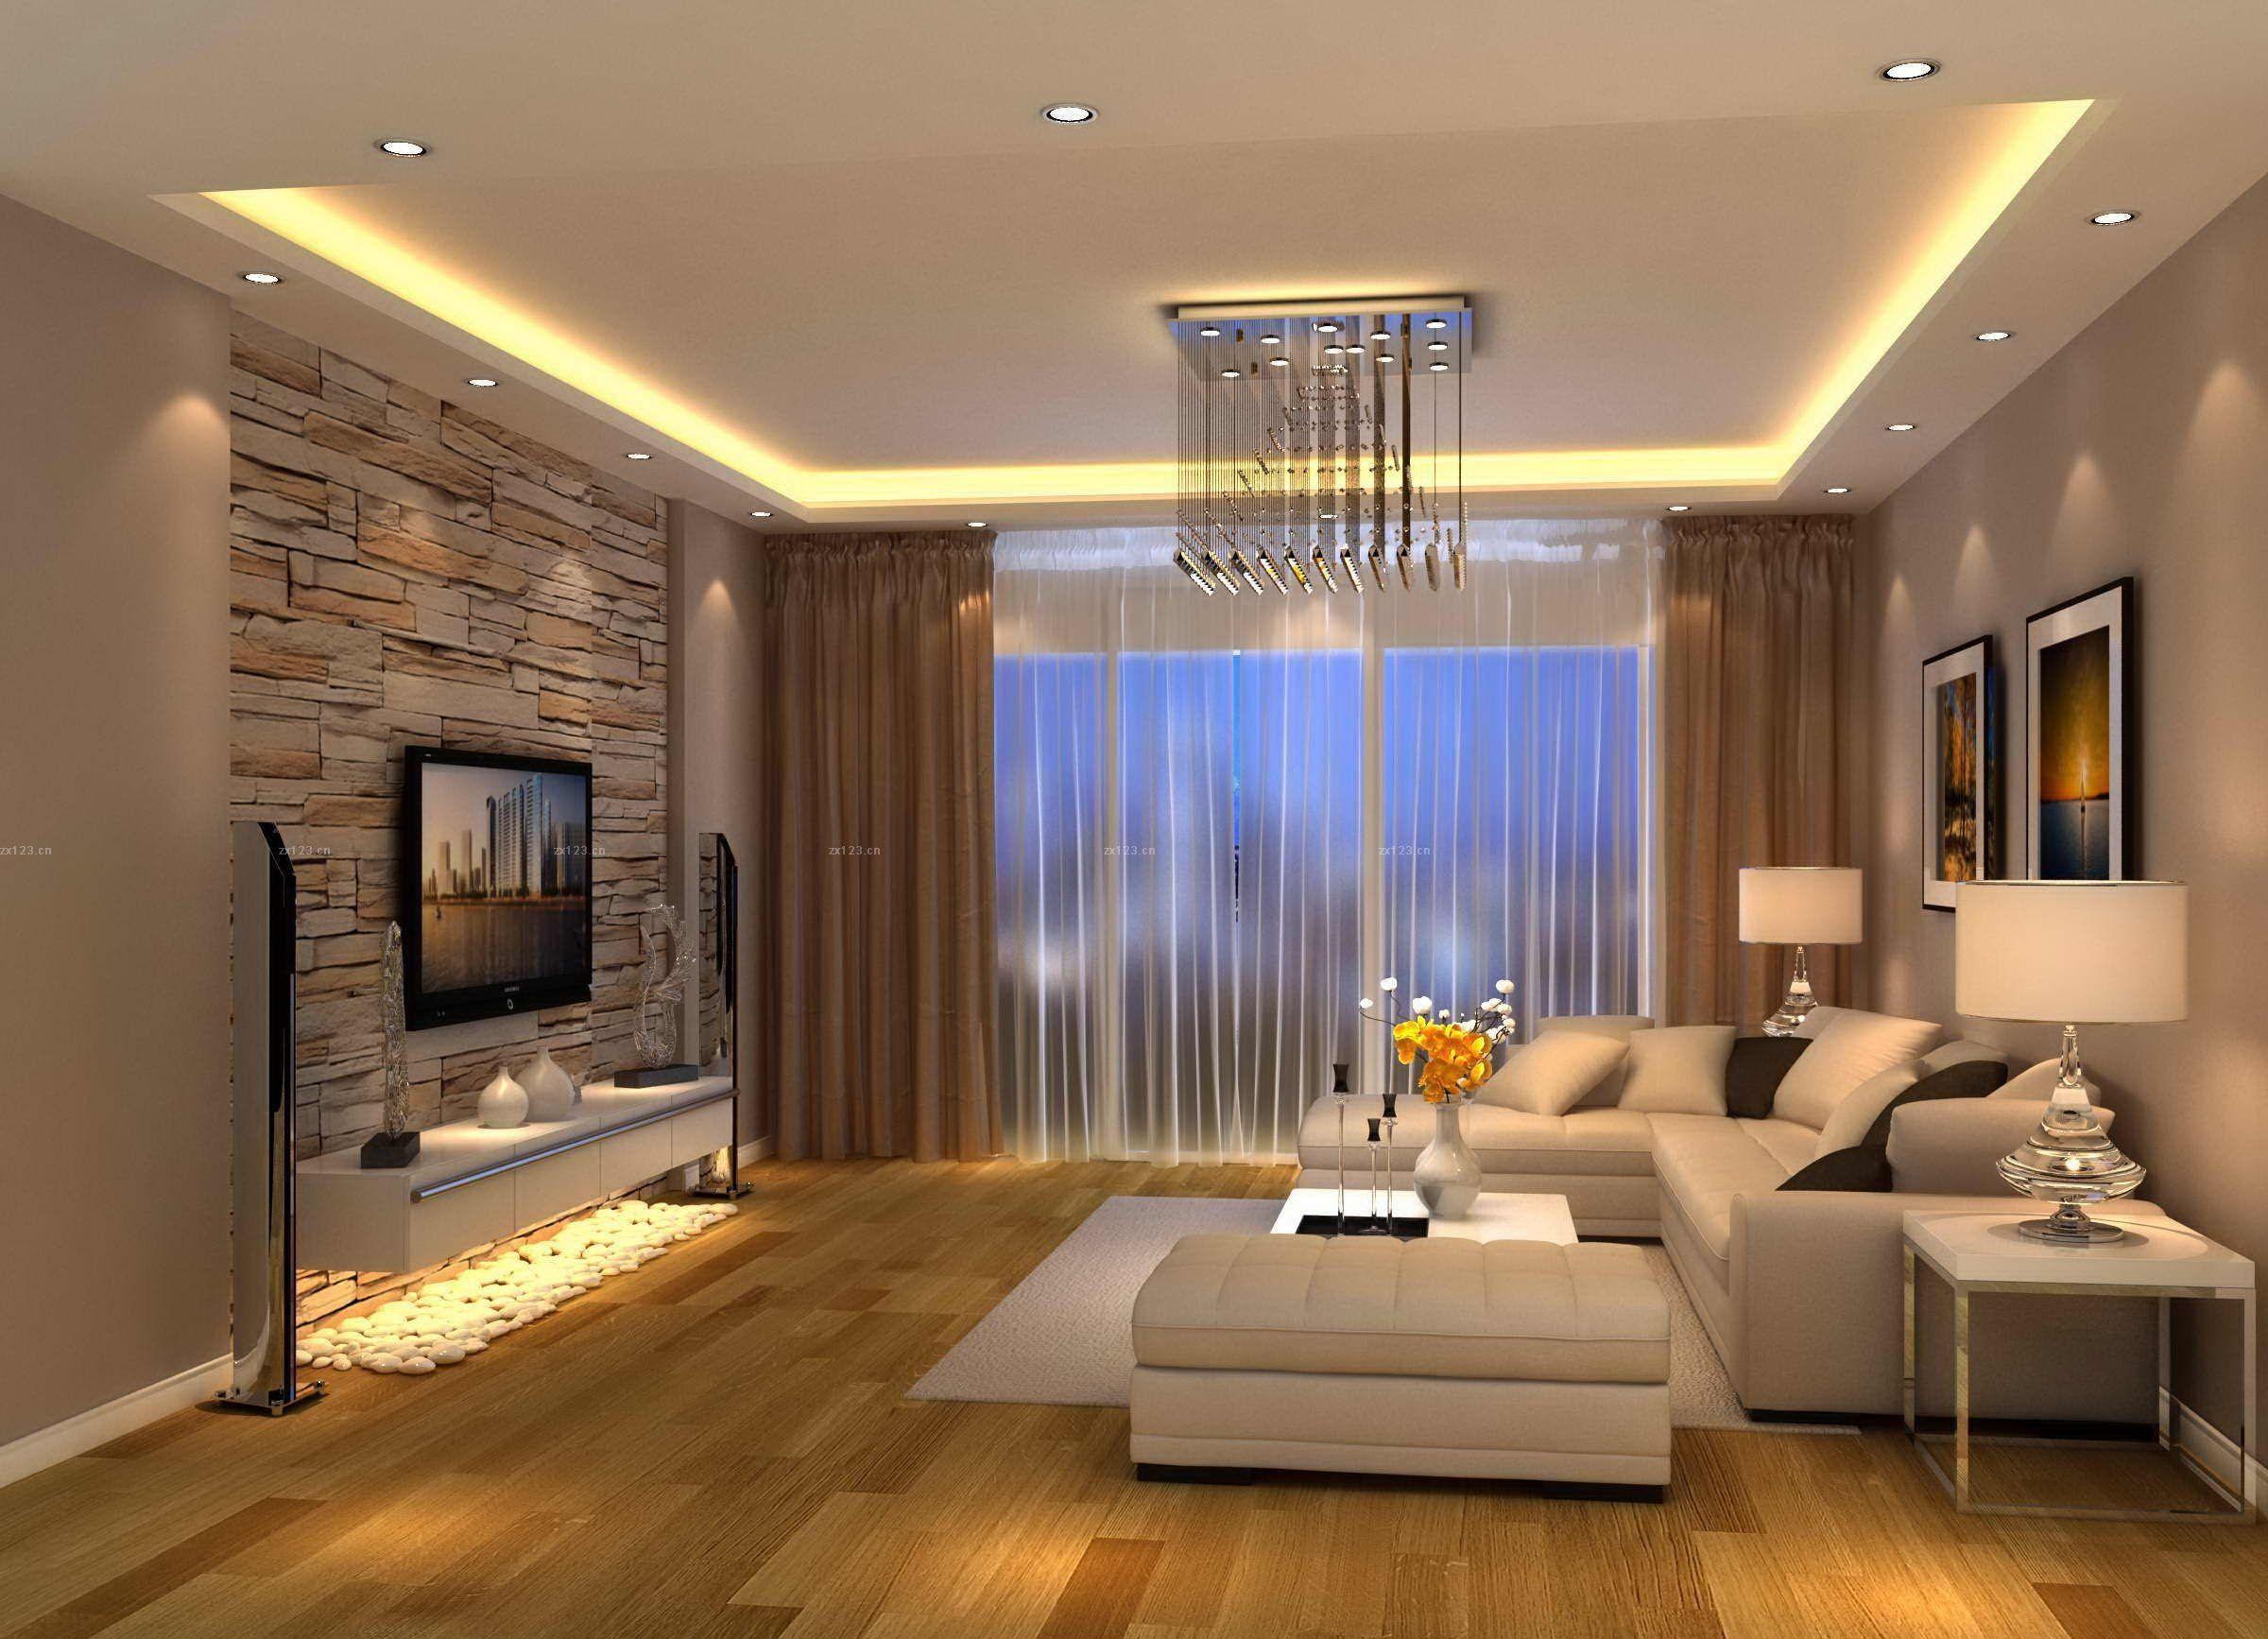 Medium Of Interior Design Images Living Room